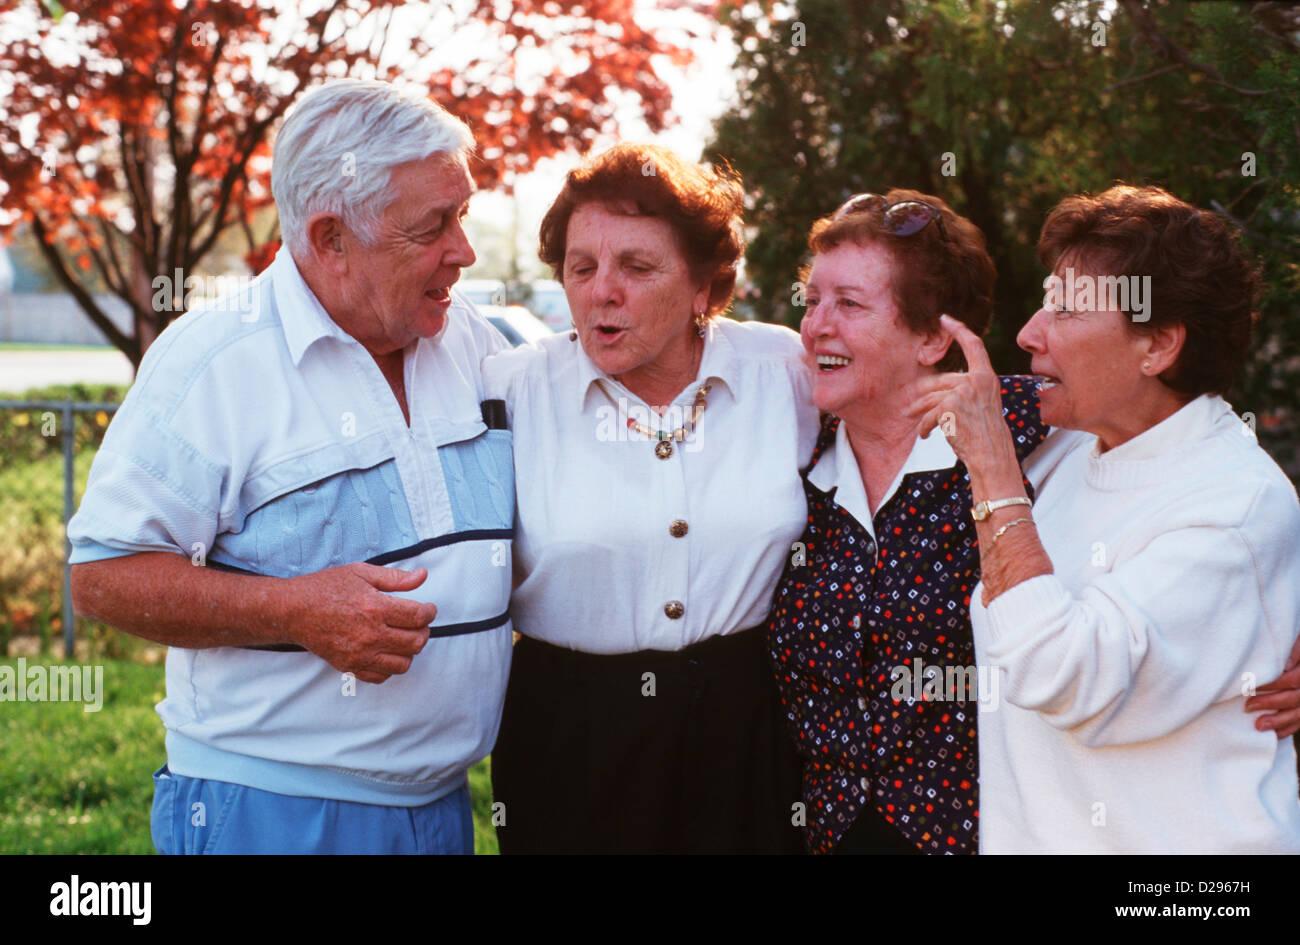 Anziani: un uomo e 3 donne, tutti nel loro 70S Immagini Stock